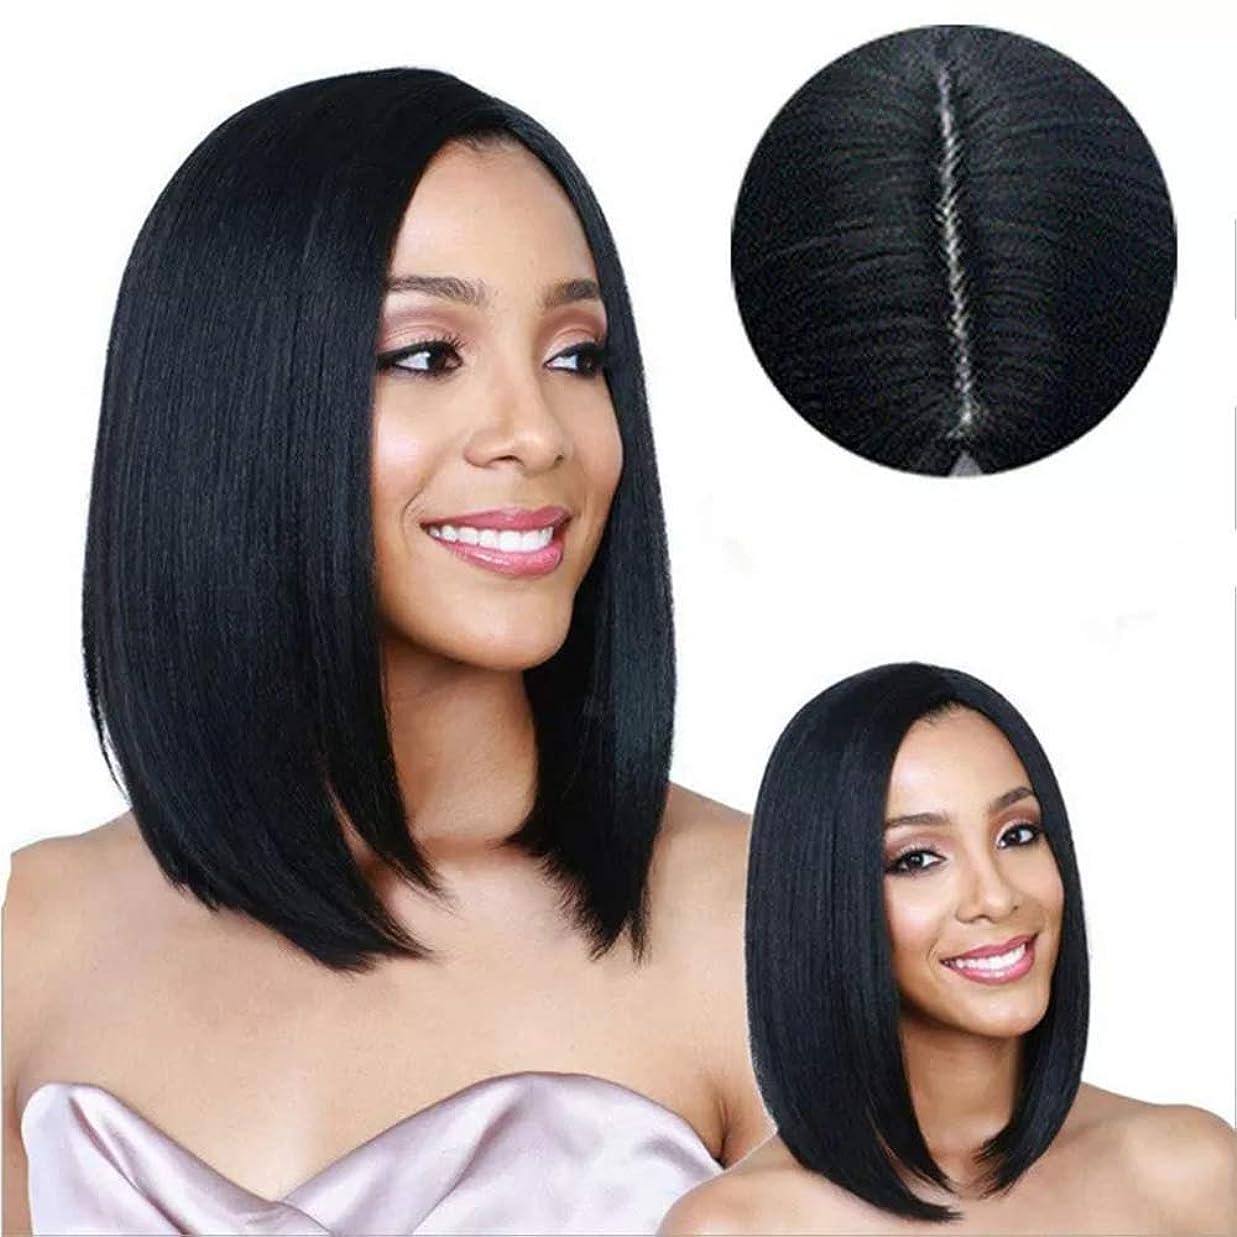 キモい反対欲望女性用ウィッグ、ナチュラルファッションロングストレートヘアショルダーふわふわヘアセット、高温シルク耐熱合成繊維ウィッグ